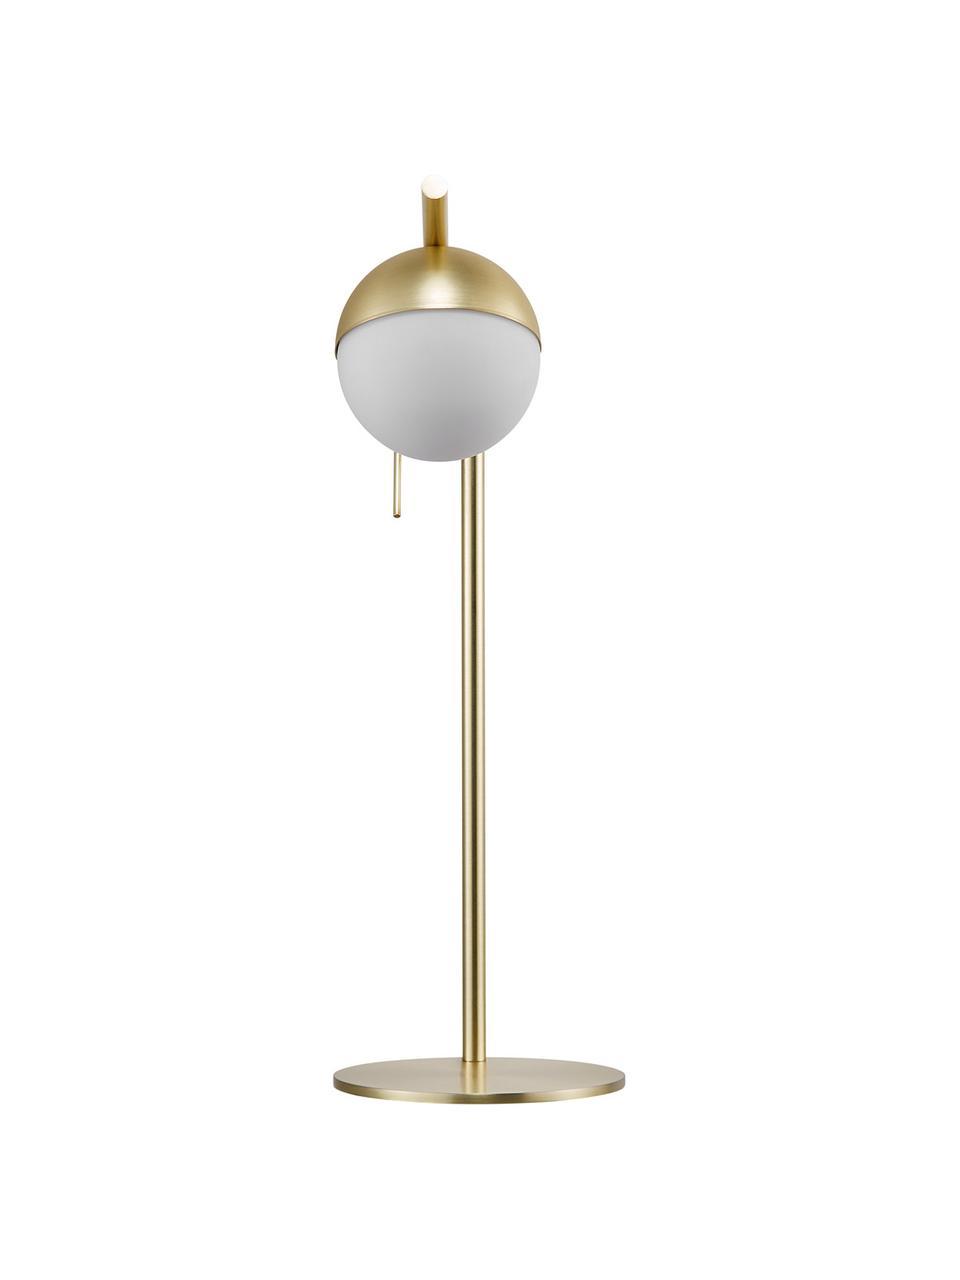 Lampa biurkowa ze szkła opalowego Contina, Biały, złoty, S 15 x W 49 cm